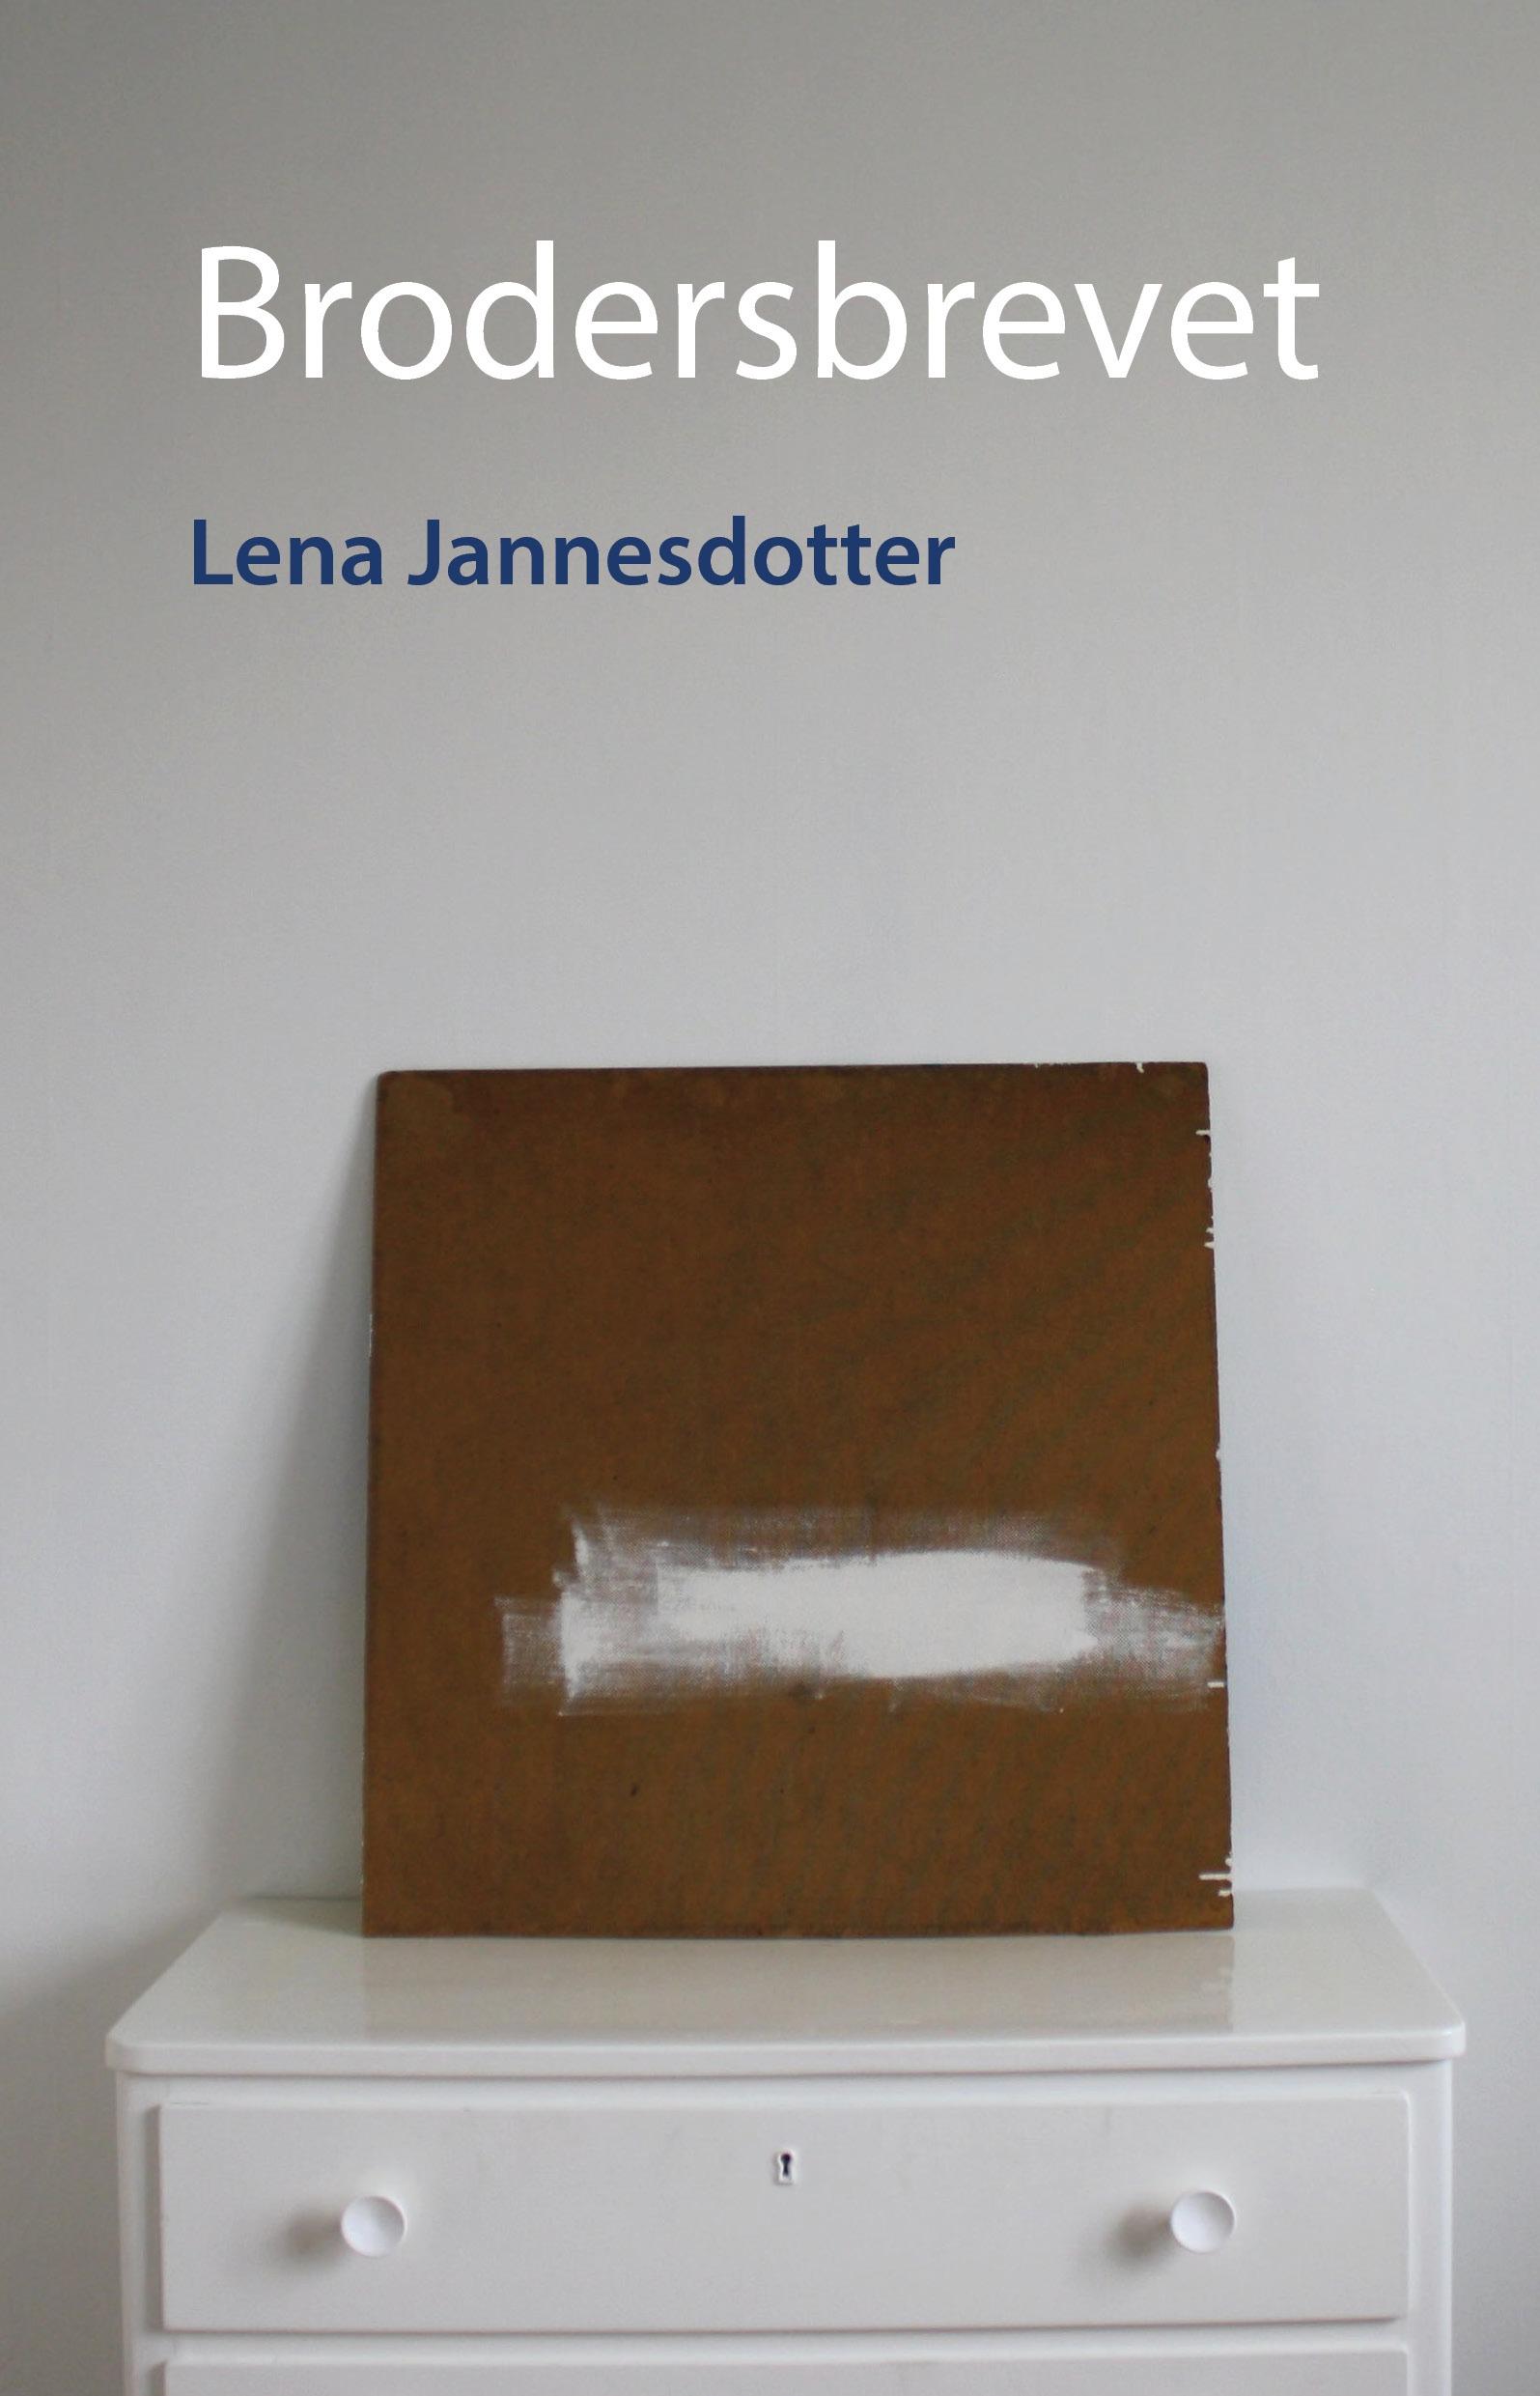 Författarintevju med Lena Jannesdotter – en topp 10 kandidat till Selmapriset!